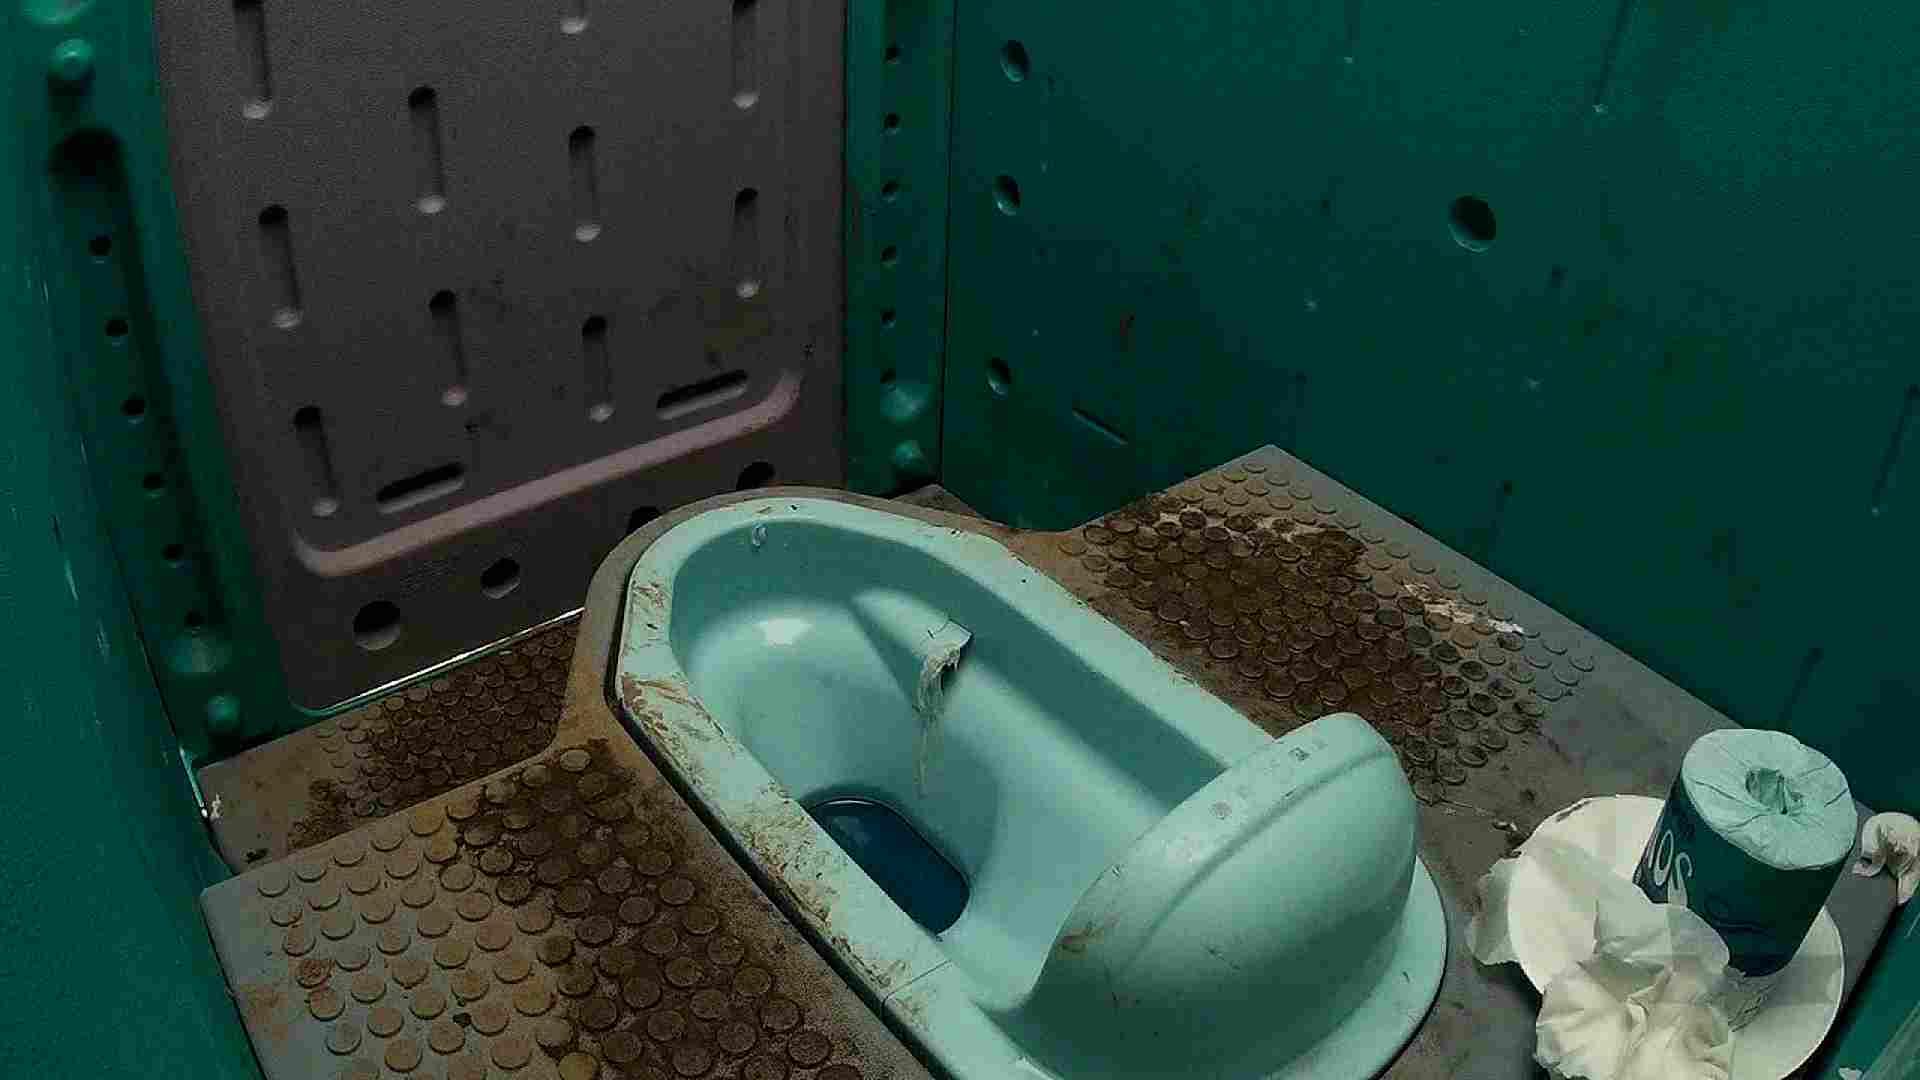 痴態洗面所 Vol.08 たっぷり汚トイレ 盛合せ AV無料 96画像 8